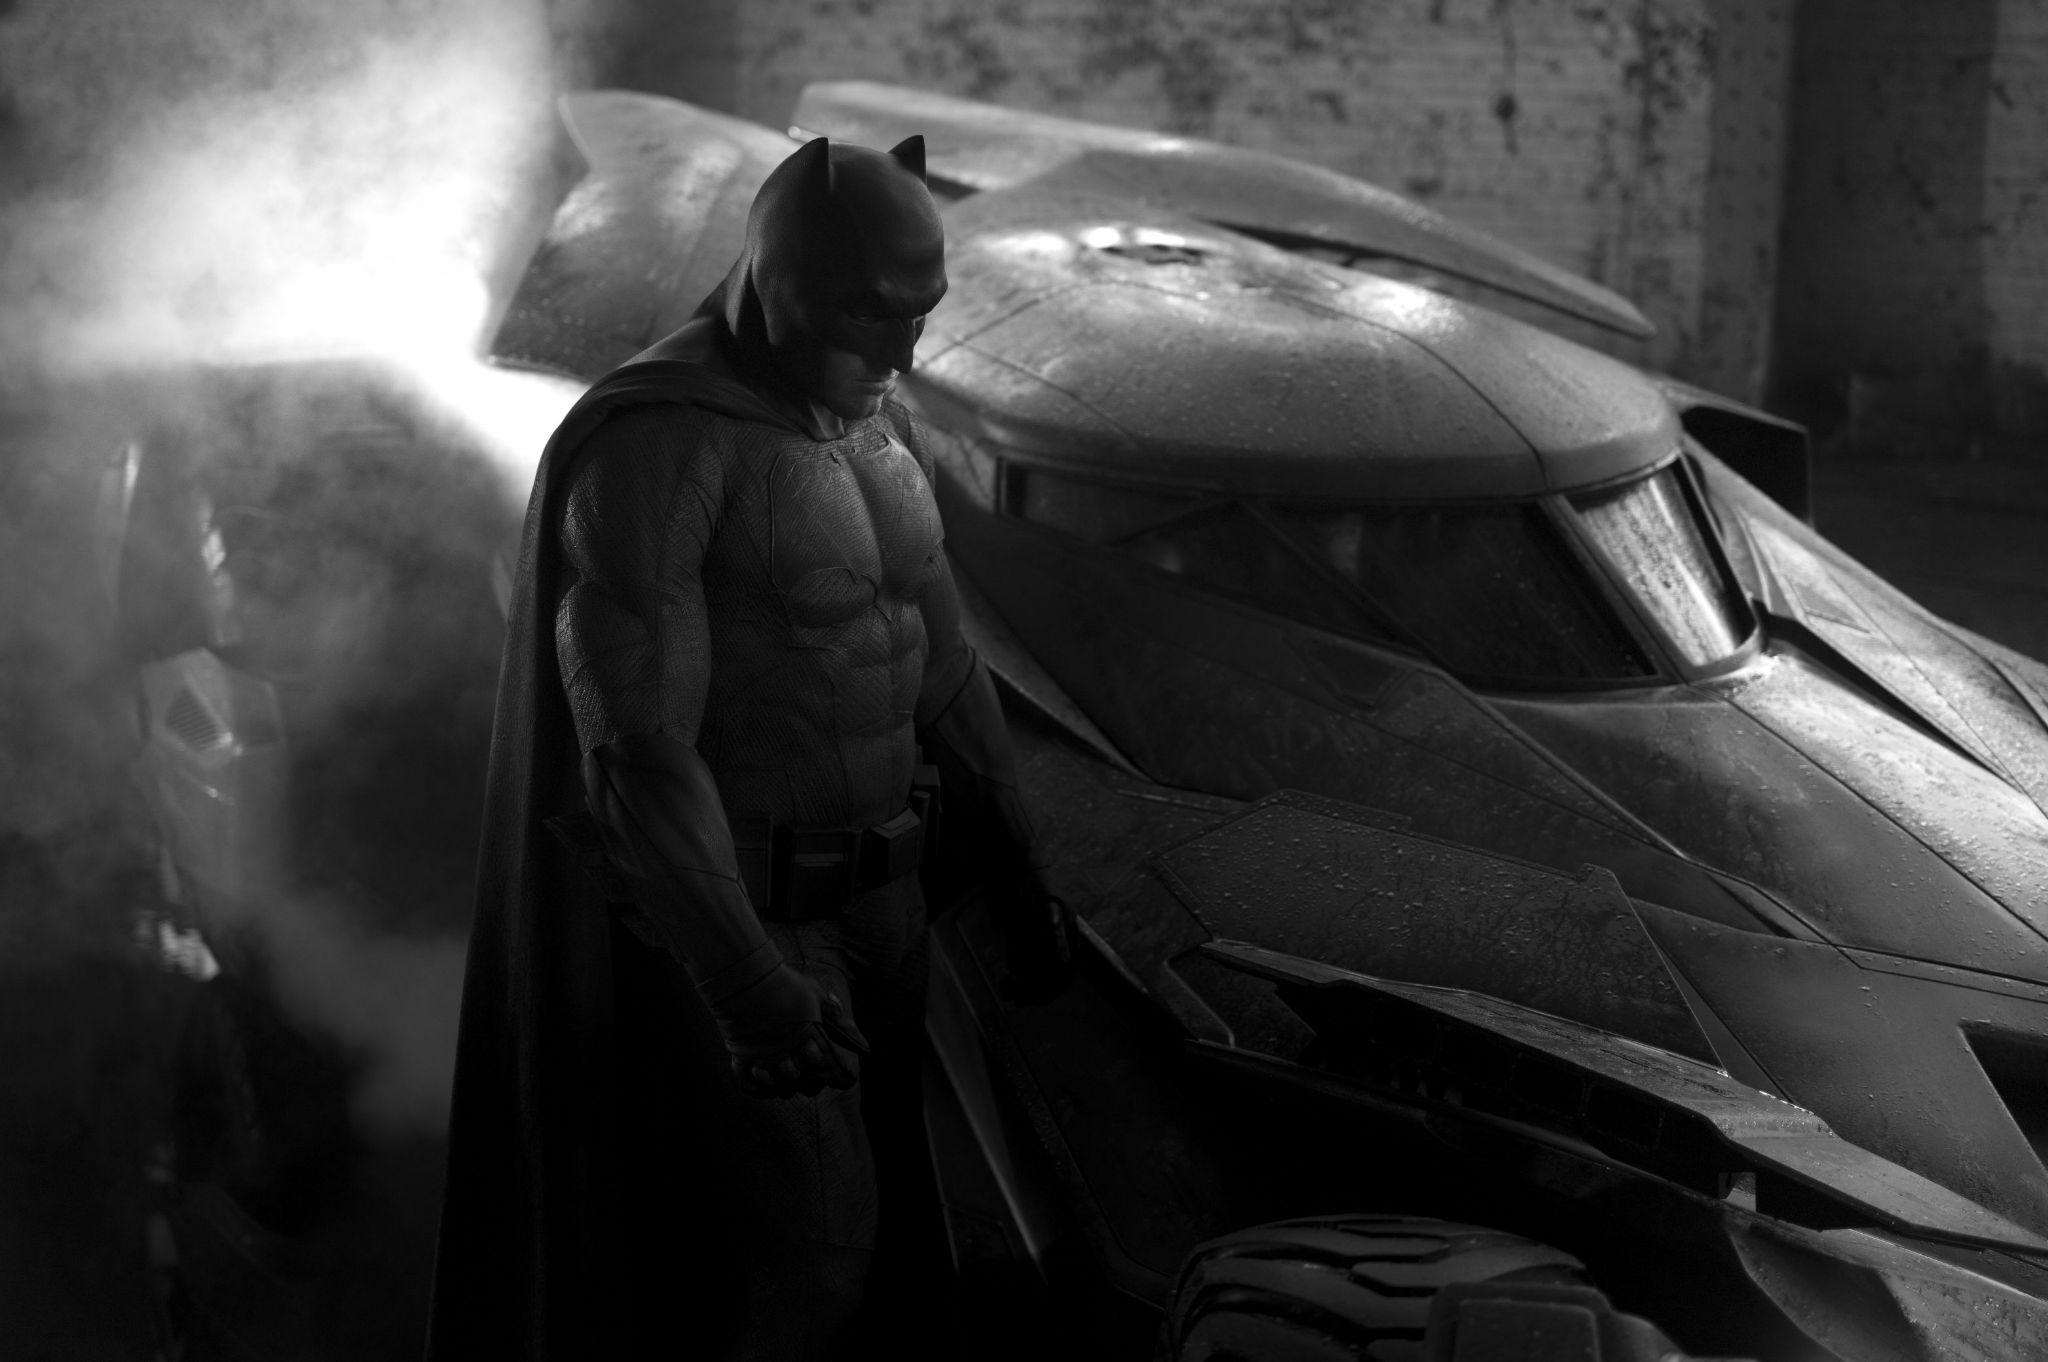 """""""暮光男""""被曝将出演新版《蝙蝠侠》,现身戛纳拒绝回应 作者: 来源:猫眼电影"""